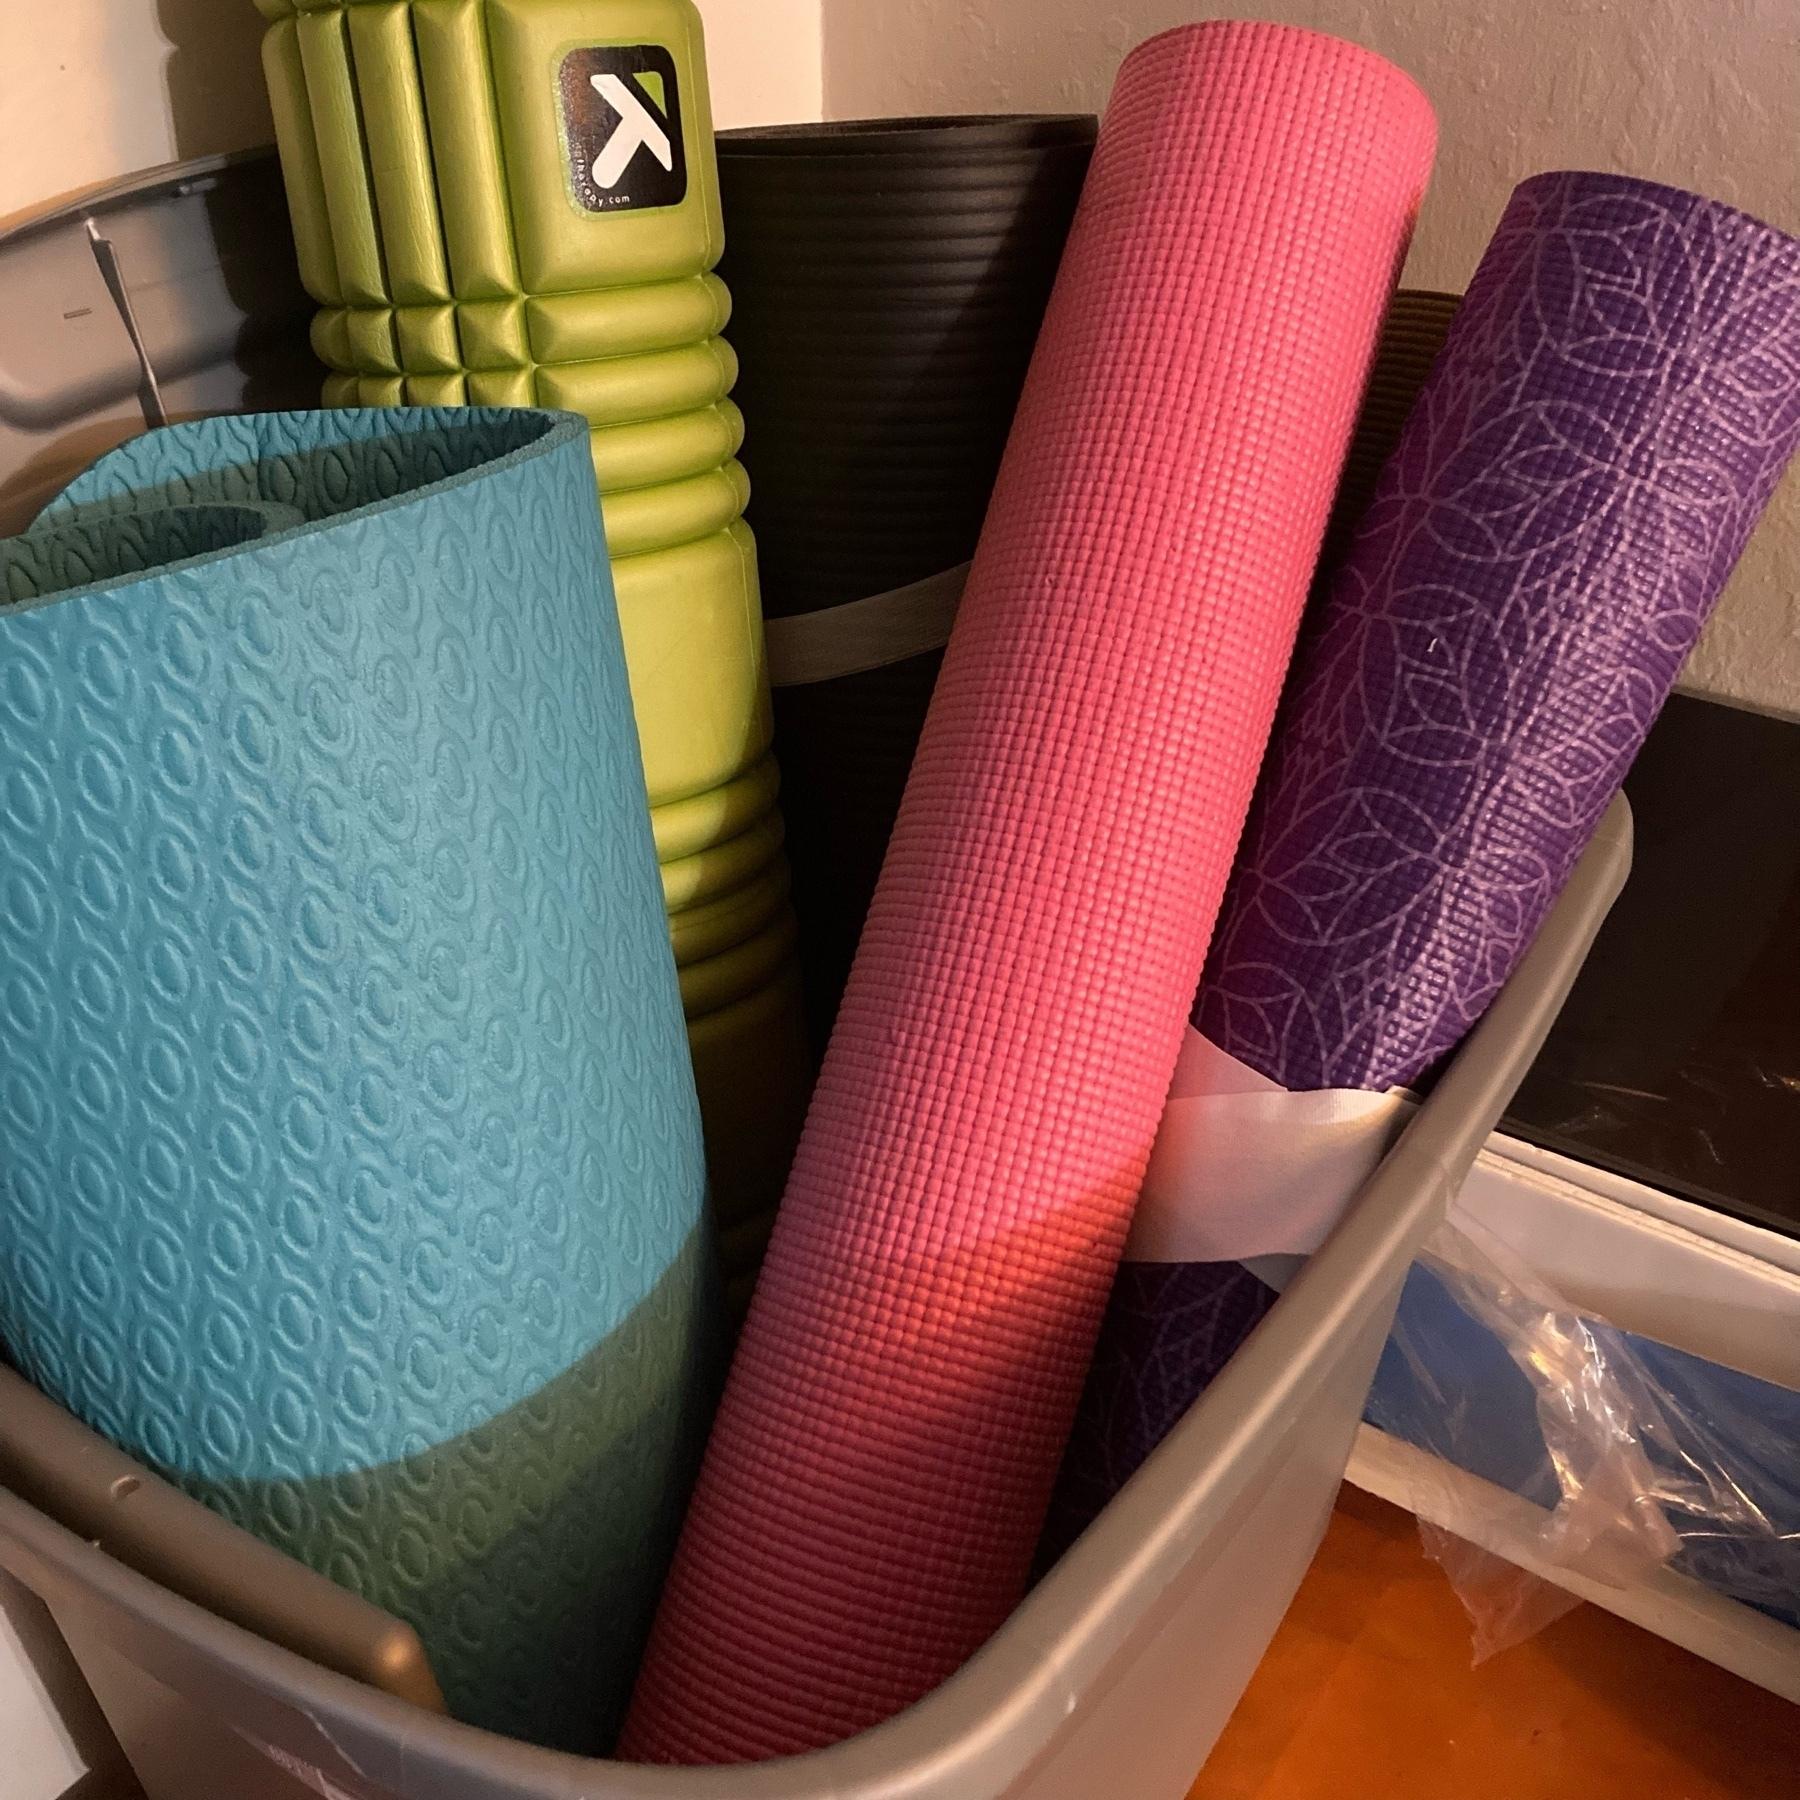 Yoga mats in a bin.